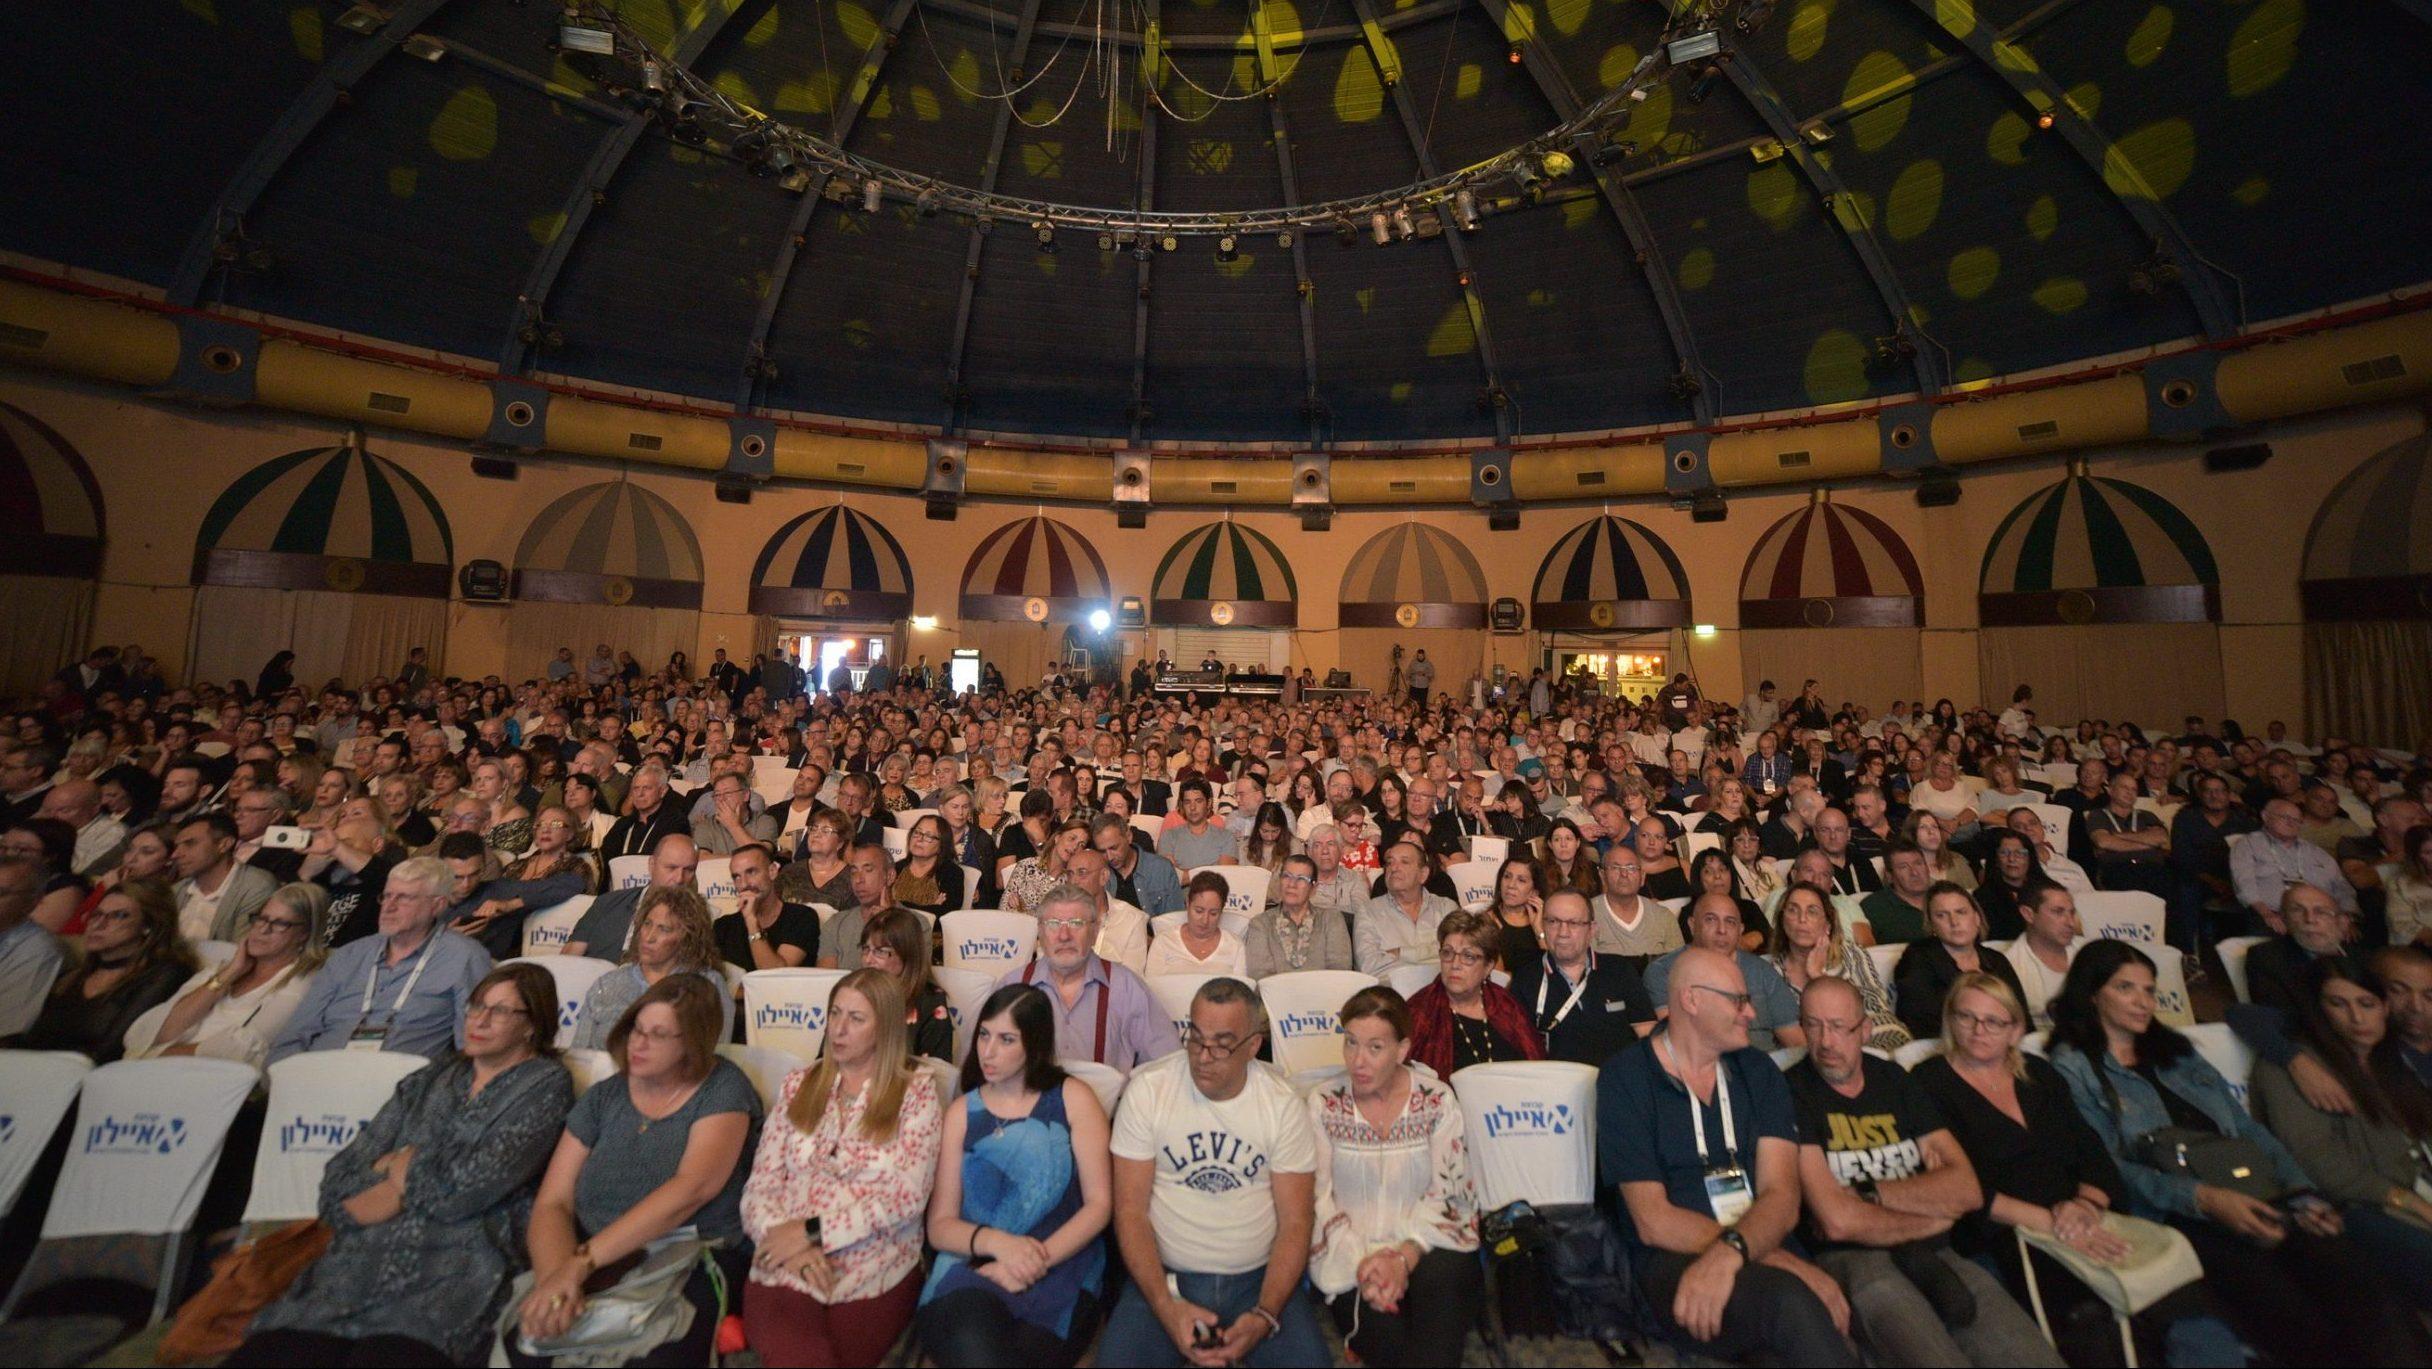 הכנסים הפרונטליים חוזרים: הלשכה קבעה את מועדי הכנסים הארציים ל-2021